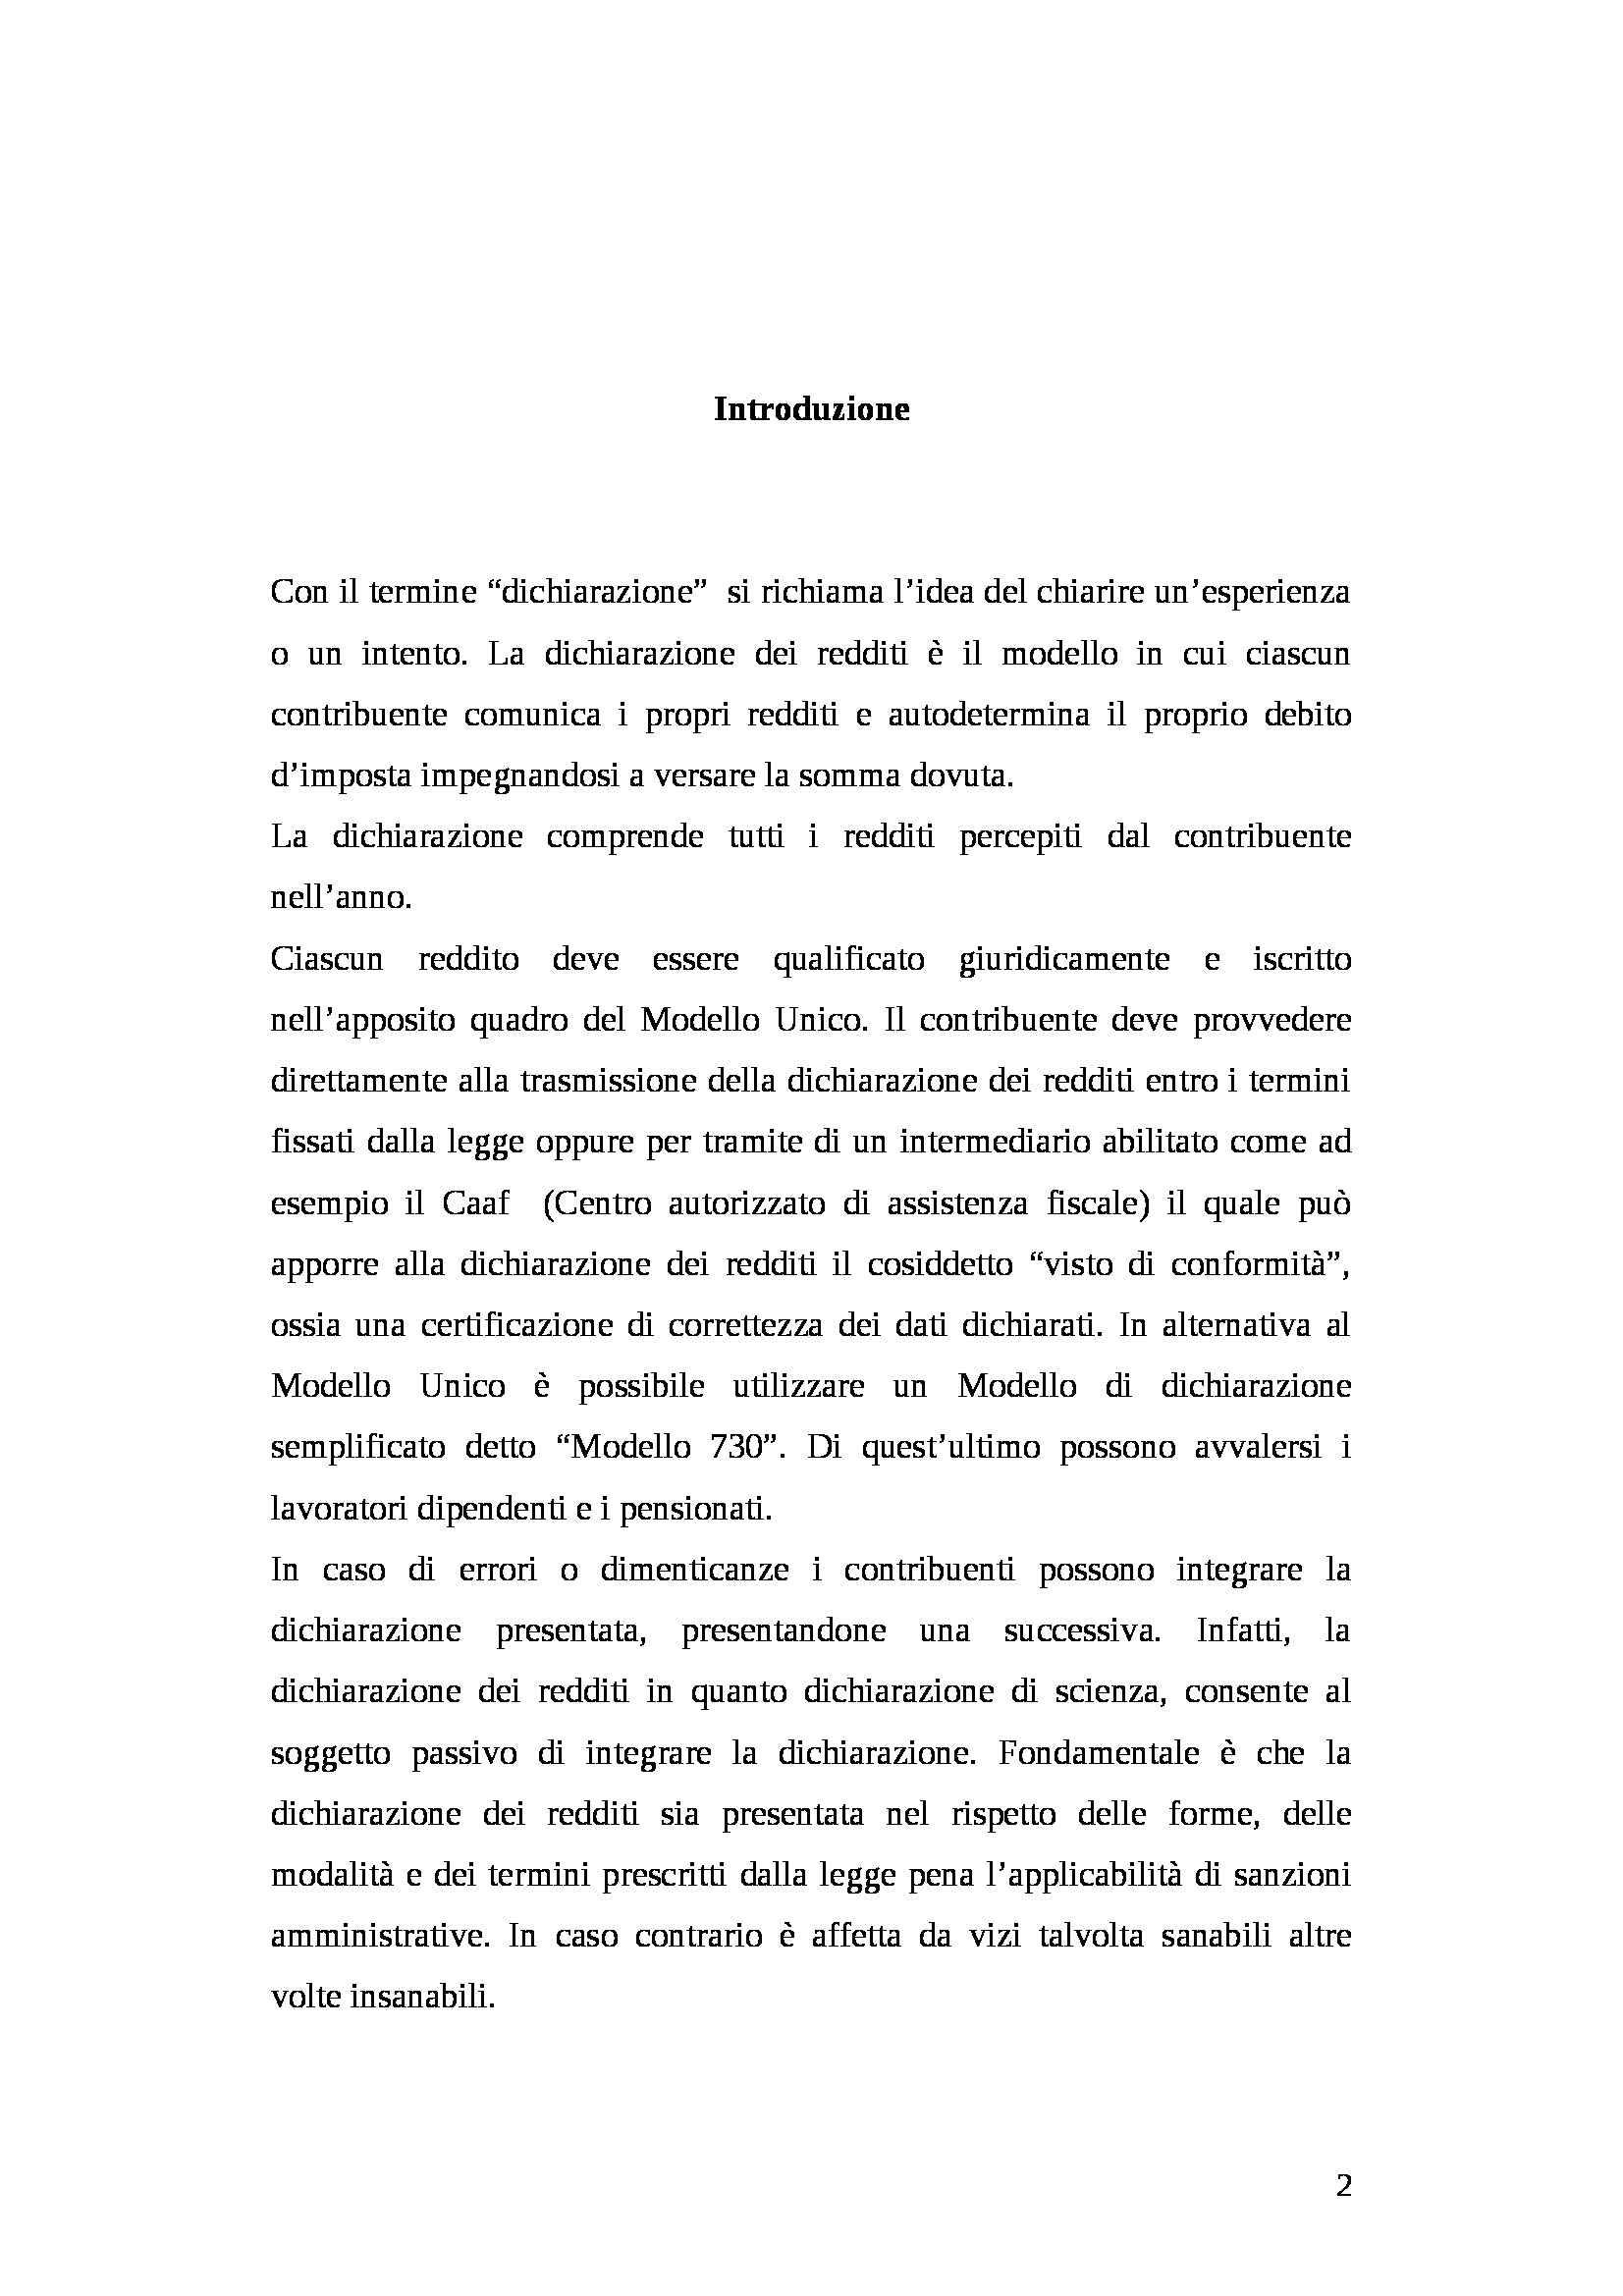 Tesi - Dichiarazione dei redditi Pag. 2